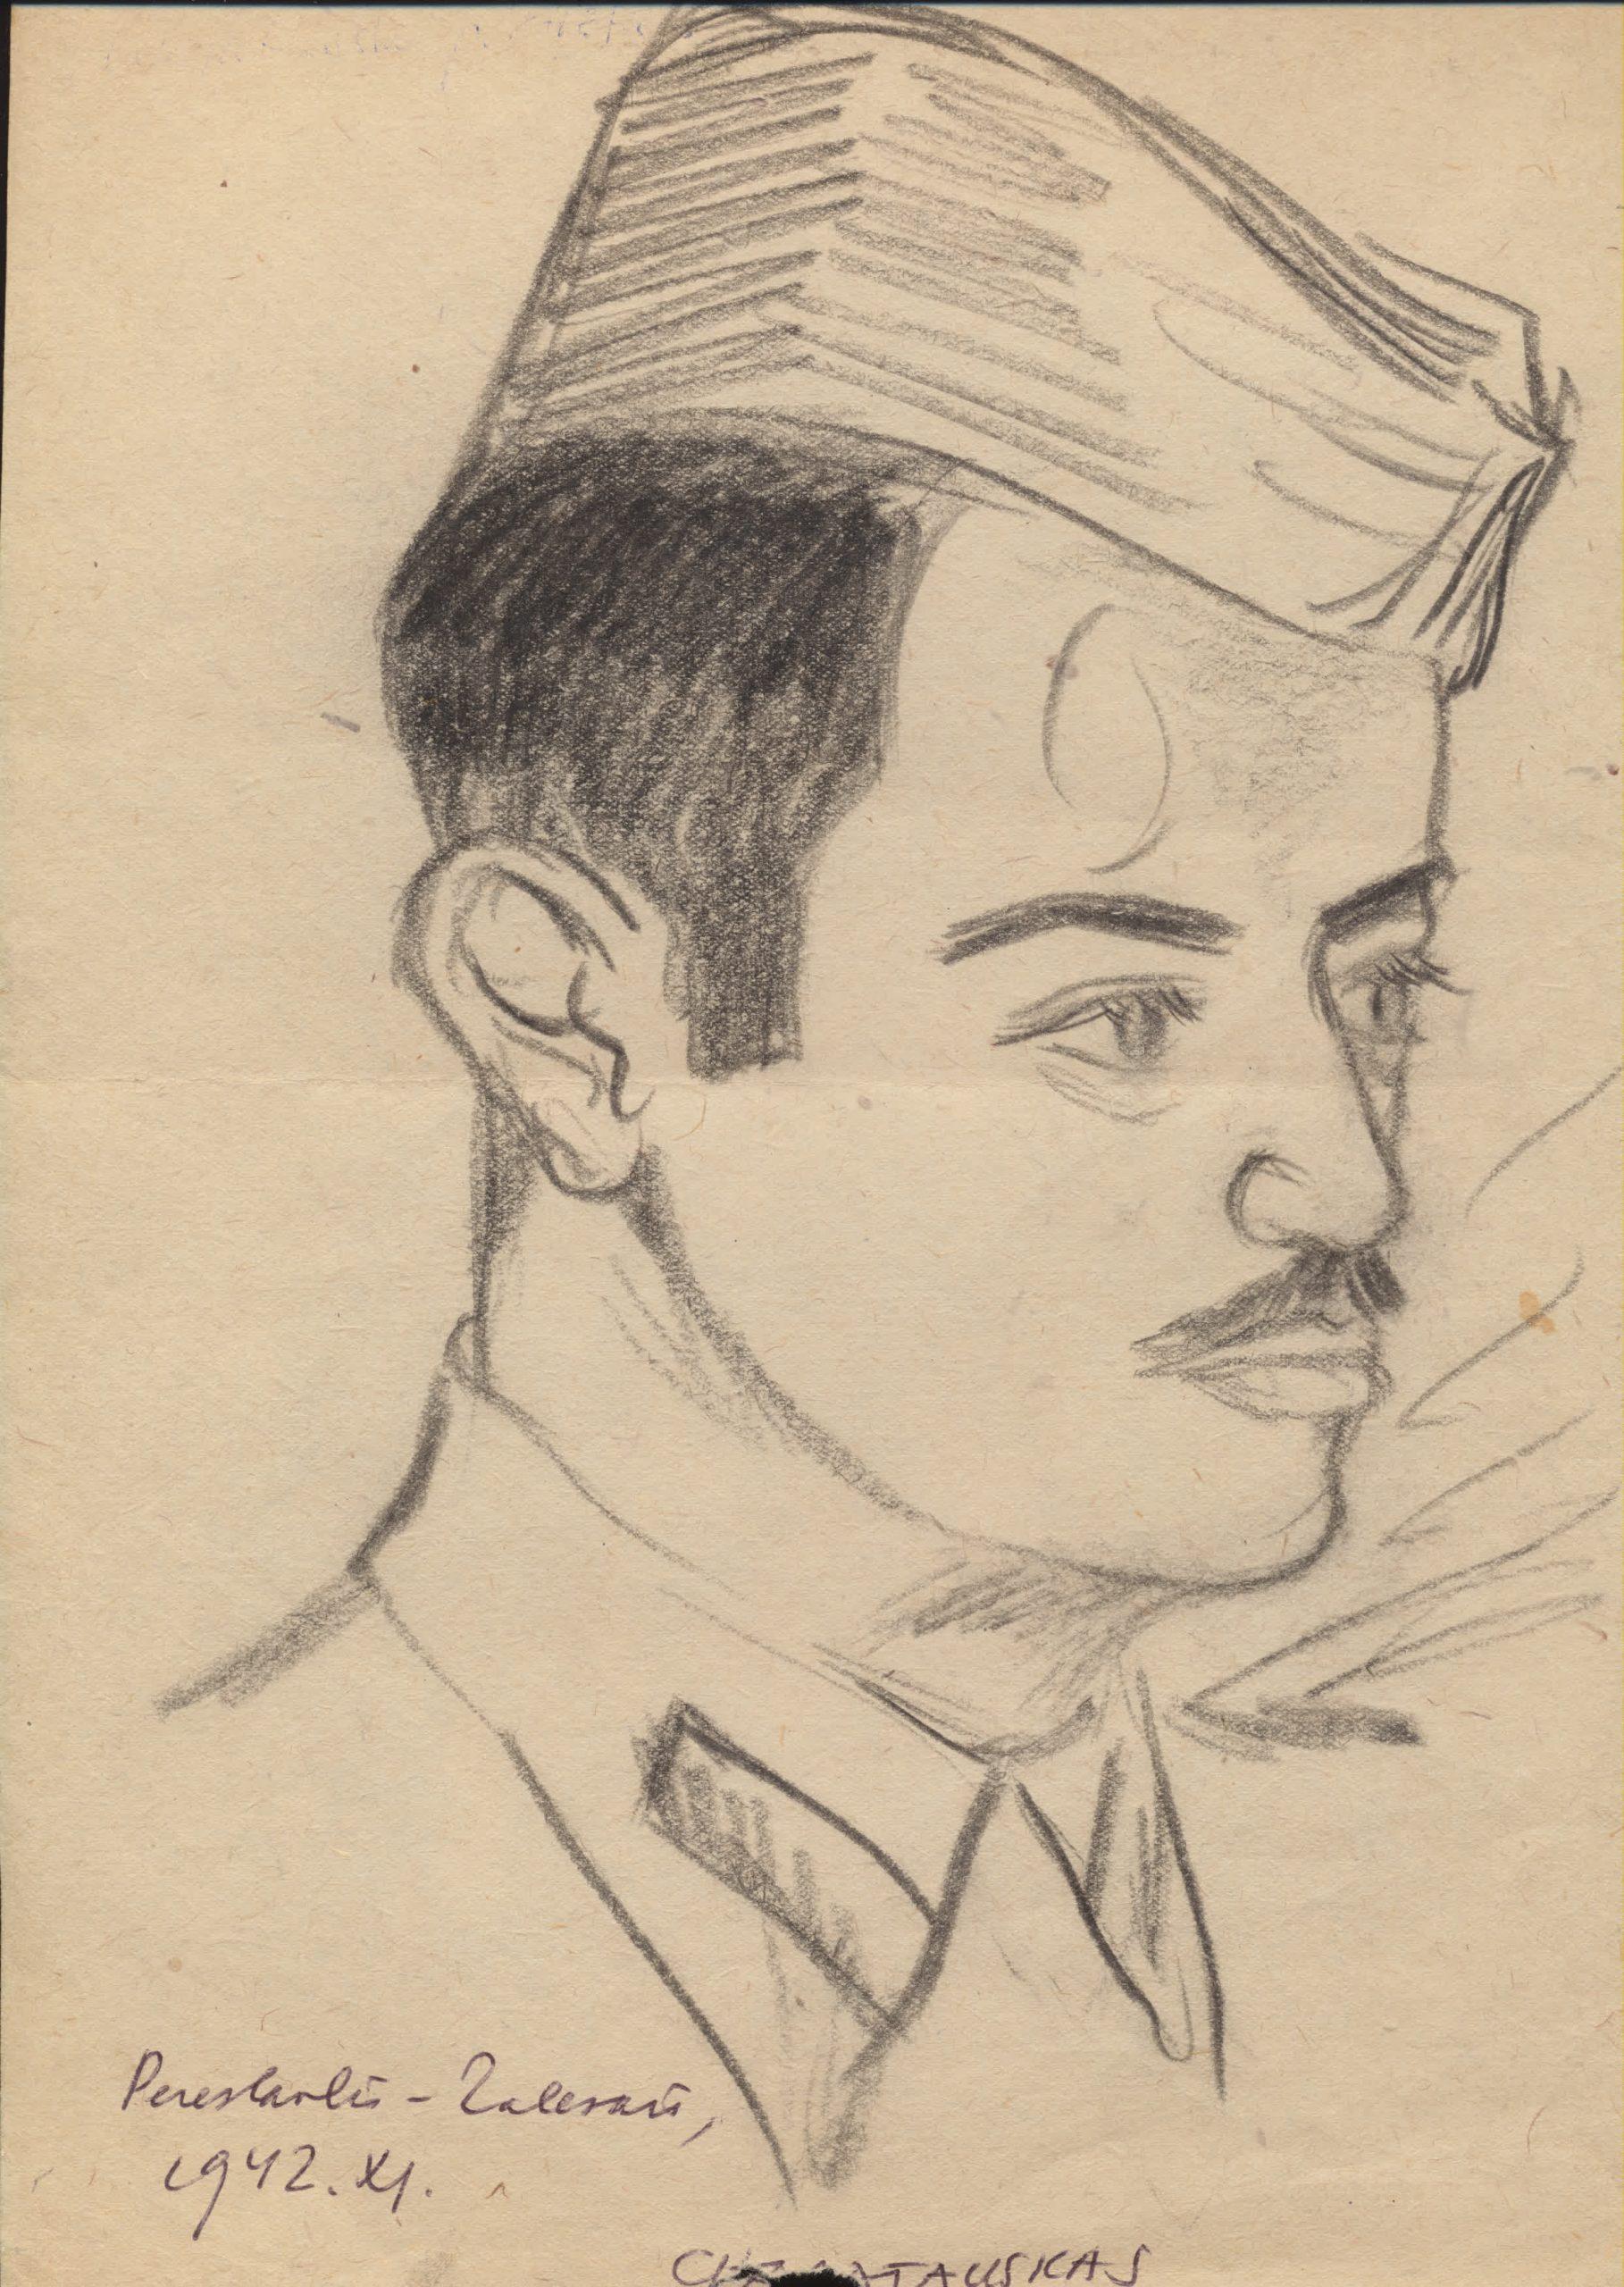 V. Reimeris ne tik eiliavo, bet ir buvo muzikantas bei dailininkas mėgėjas. Jo pieštas nežinomo Chajatausko portretas. 1942 m.